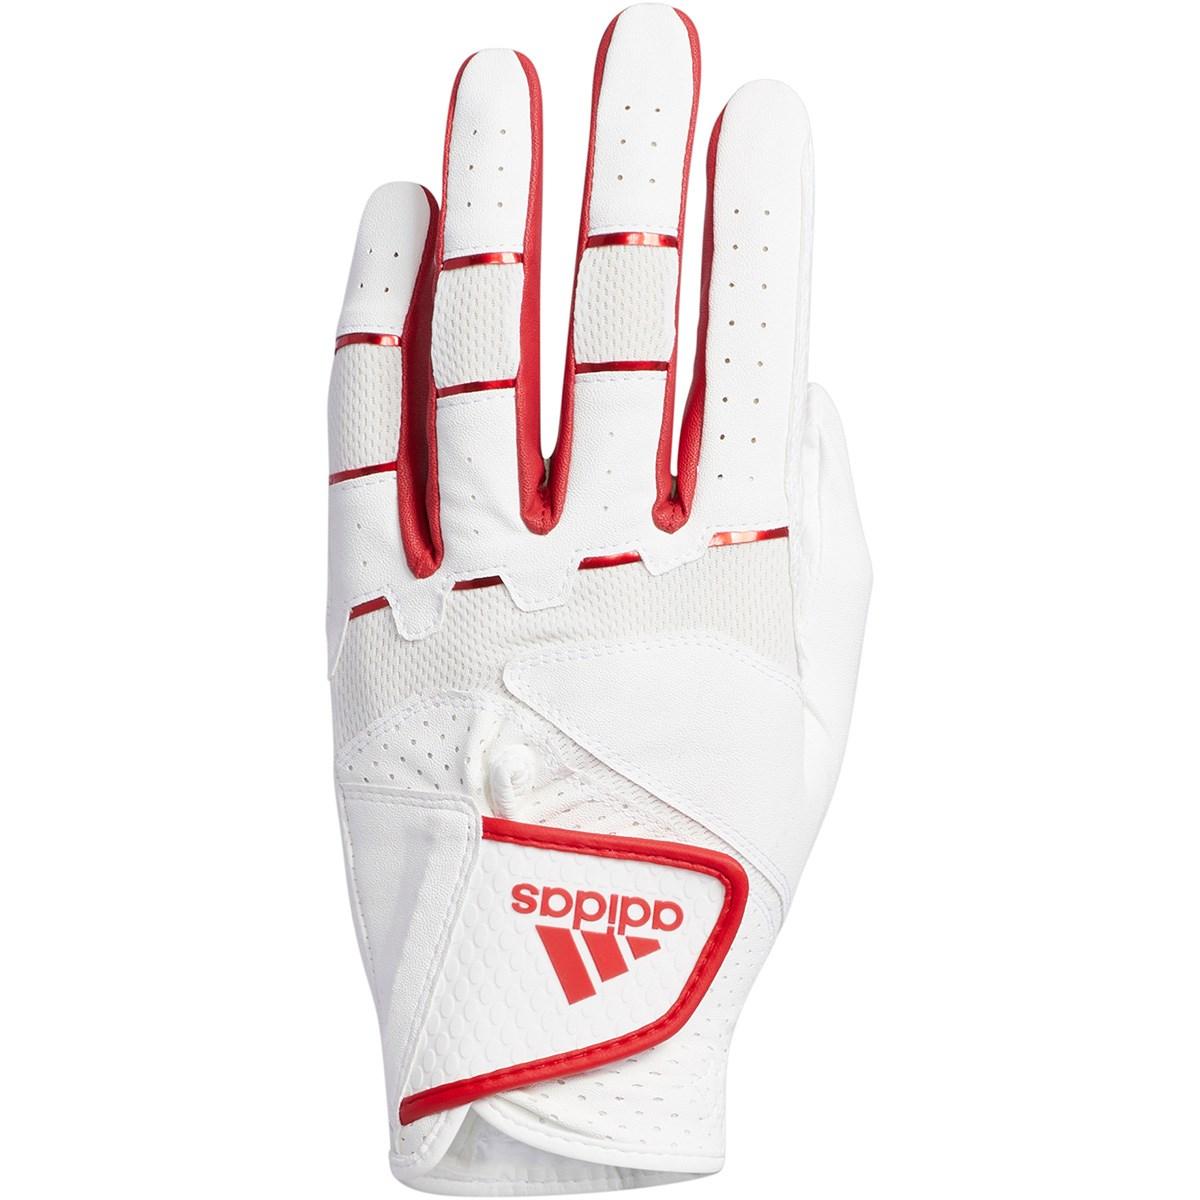 アディダス Adidas ノンスリップ20 グローブ 21cm 左手着用(右利き用) ホワイト/レッド